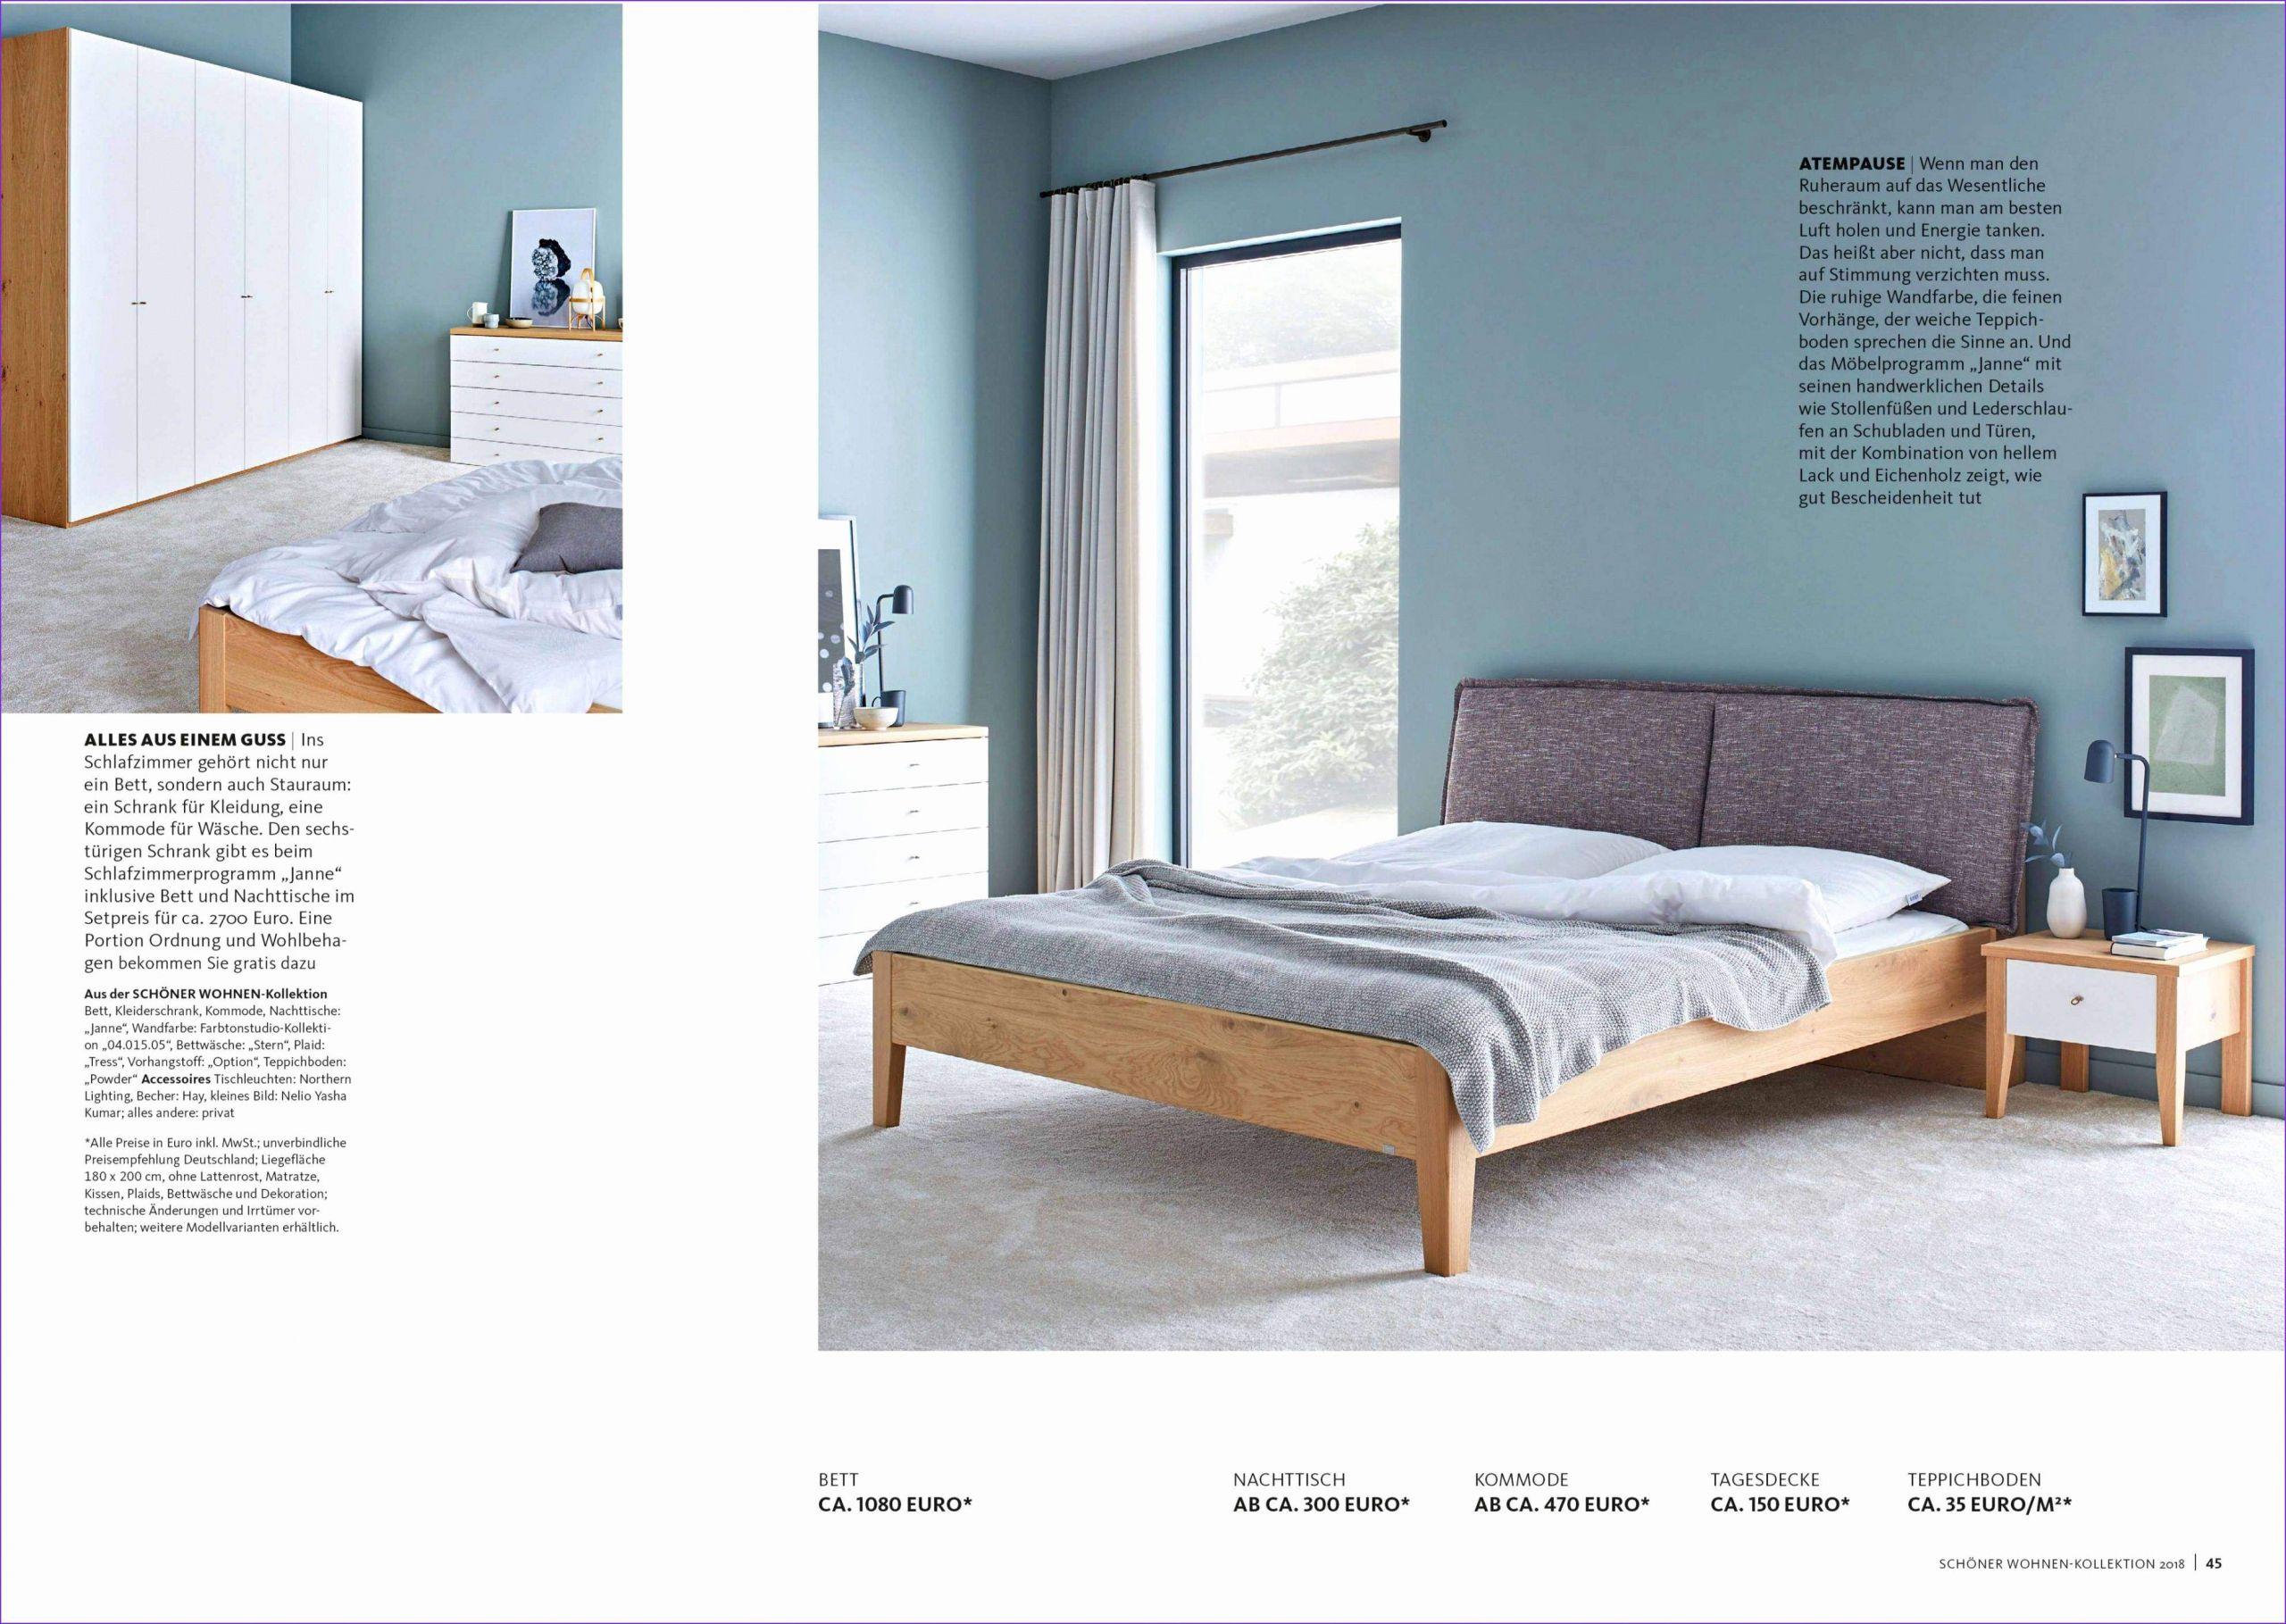 Full Size of Wohnzimmer Lampe Ikea Lampen Das Beste Von Lovely Küche Kaufen Liege Led Beleuchtung Schrankwand Vitrine Weiß Stehlampe Bilder Xxl Deckenlampe Bad Wohnzimmer Wohnzimmer Lampe Ikea